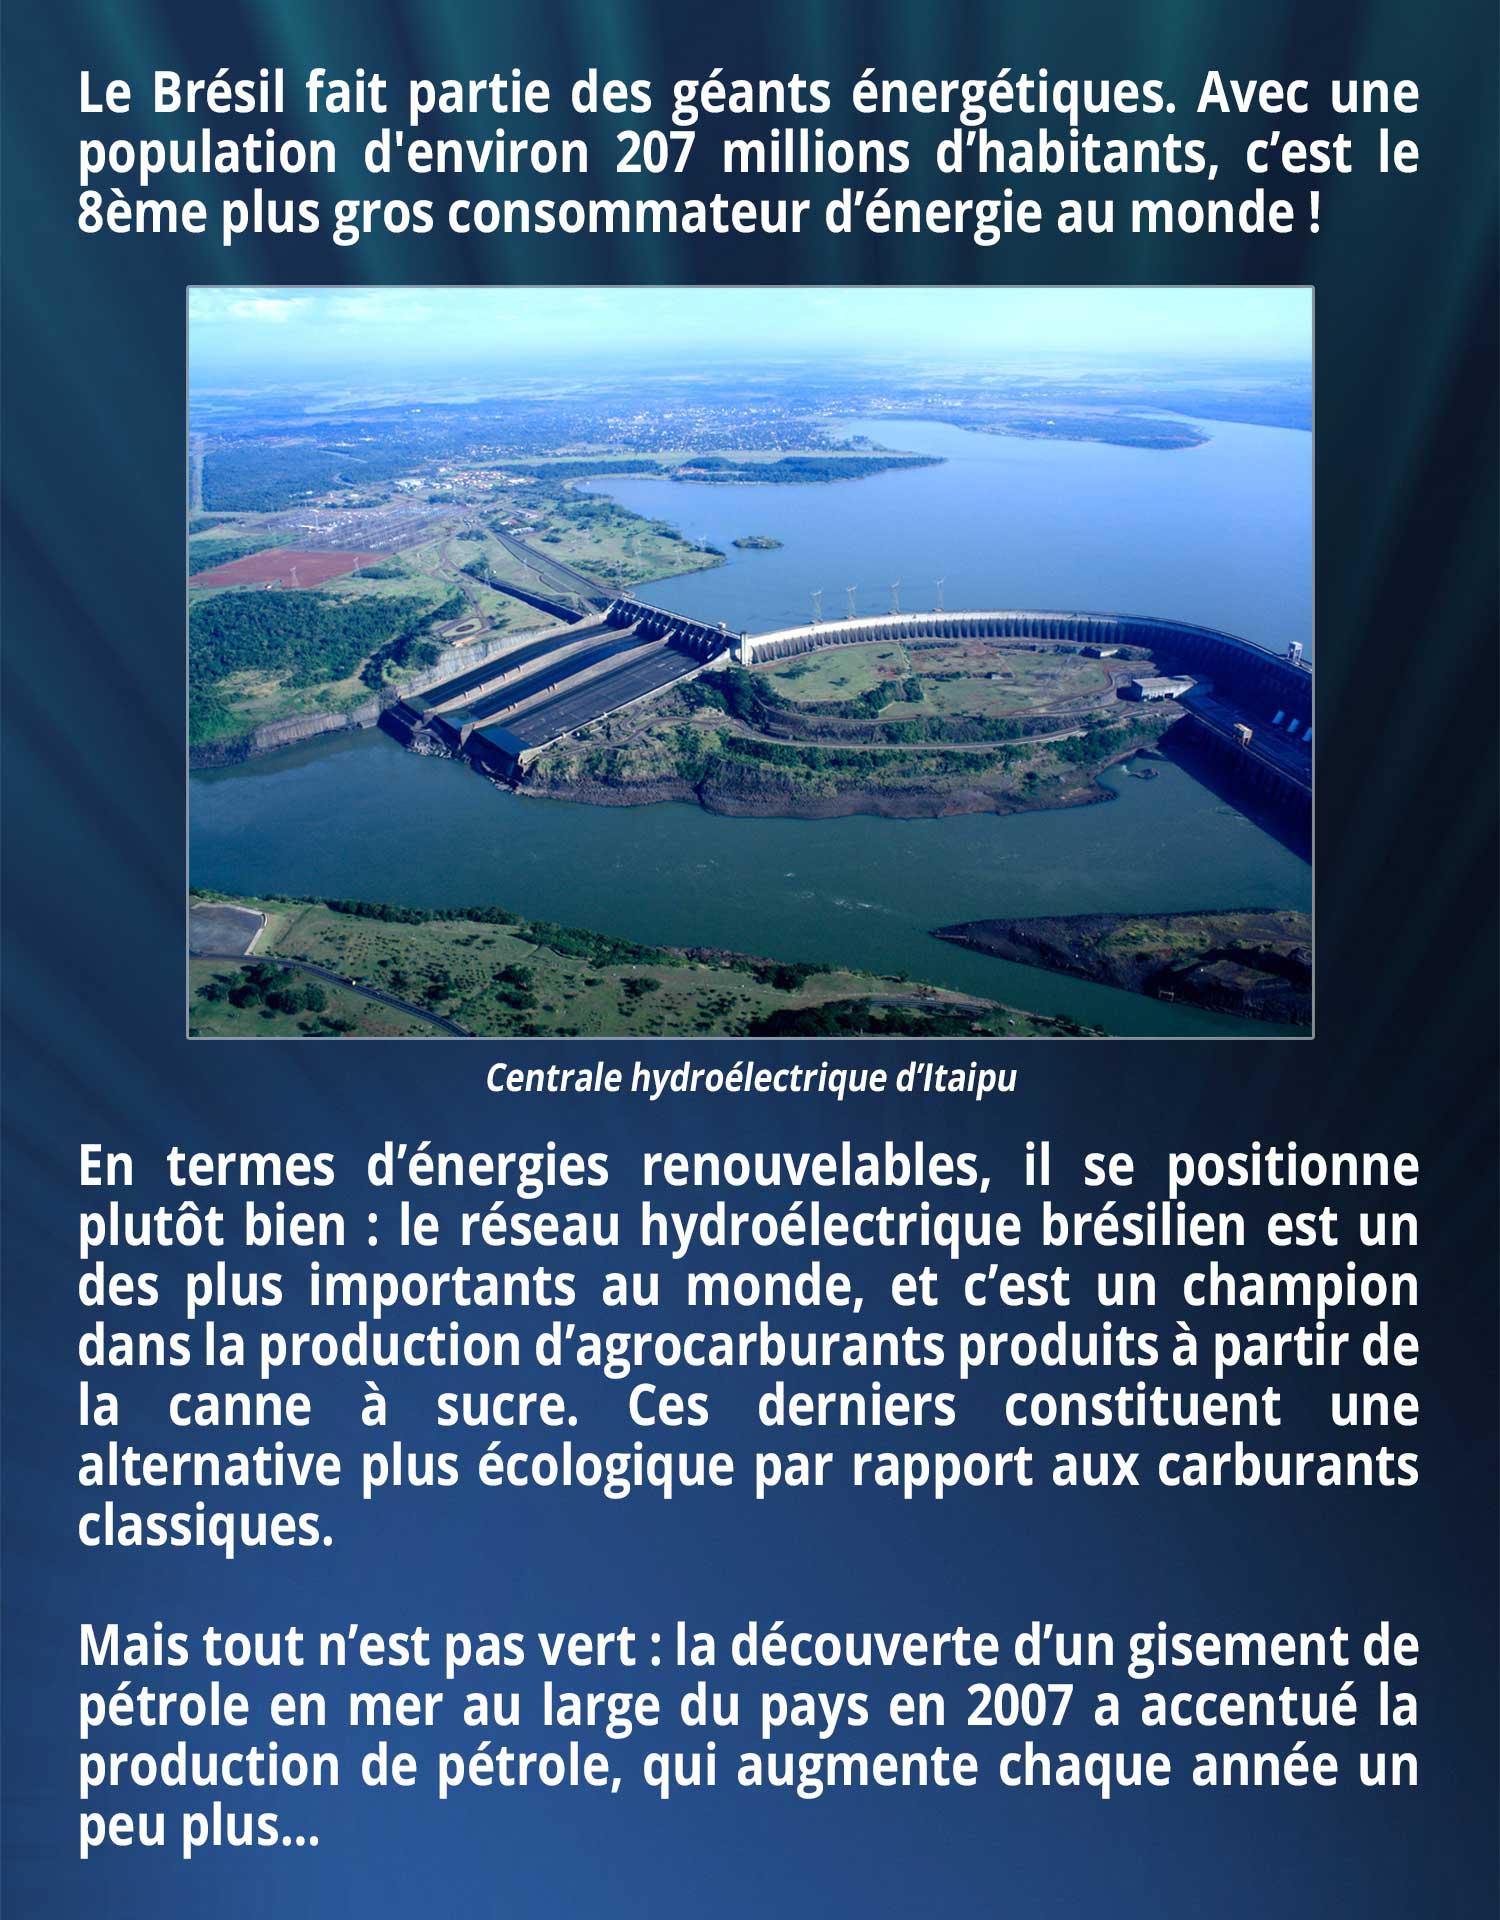 Le Brésil fait partie des géants énergétiques. Avec une population d'environ 207 millions d'habitants, c'est le 8ème plus gros consommateur d'énergie au monde ! En termes d'énergies renouvelables, il se positionne plutôt bien : le réseau hydroélectrique brésilien est un des plus importants au monde, et c'est un champion dans la production d'agrocarburants produits à partir de la canne à sucre. Ces derniers constituent une alternative plus écologique par rapport aux carburants classiques. Mais tout n'est pas vert : la découverte d'un gisement de pétrole en mer au large du pays en 2007 a accentué la production de pétrole, qui augmente chaque année un peu plus…